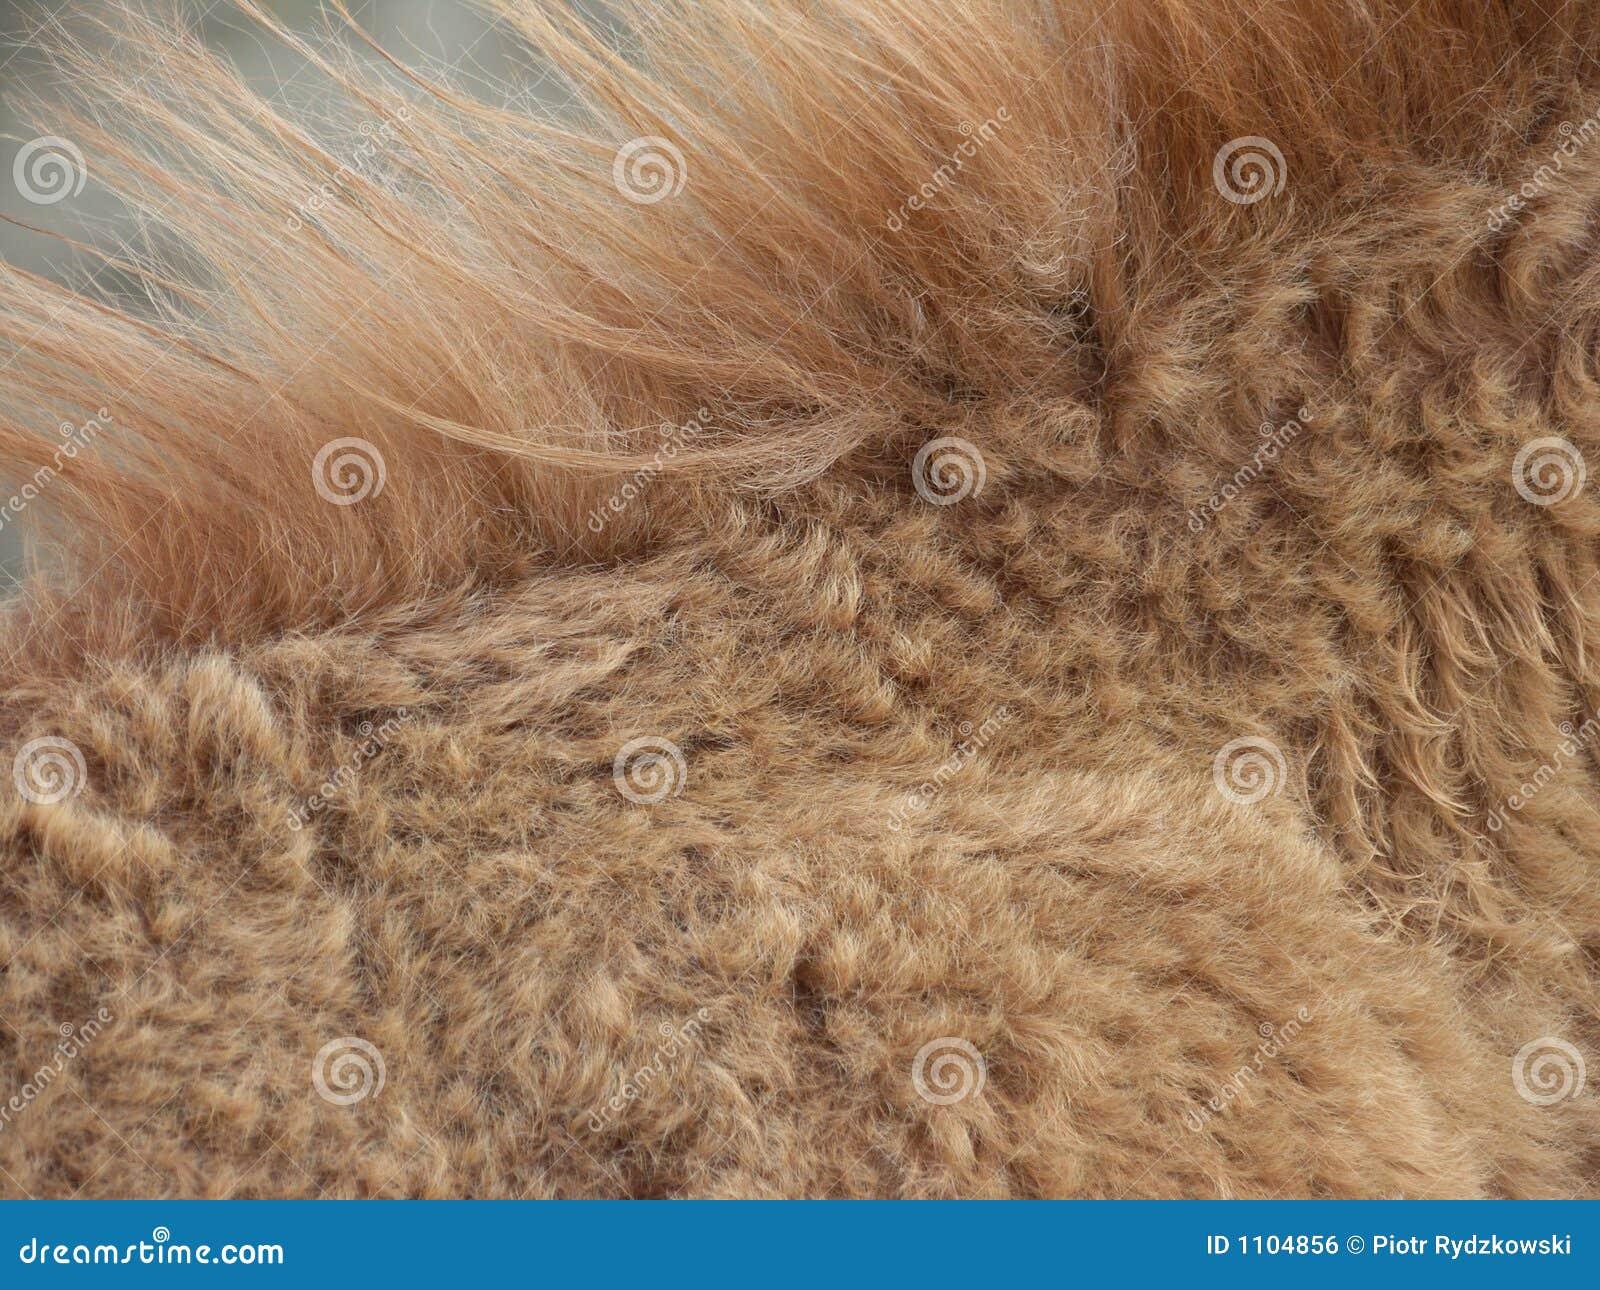 Golden brown animal mane